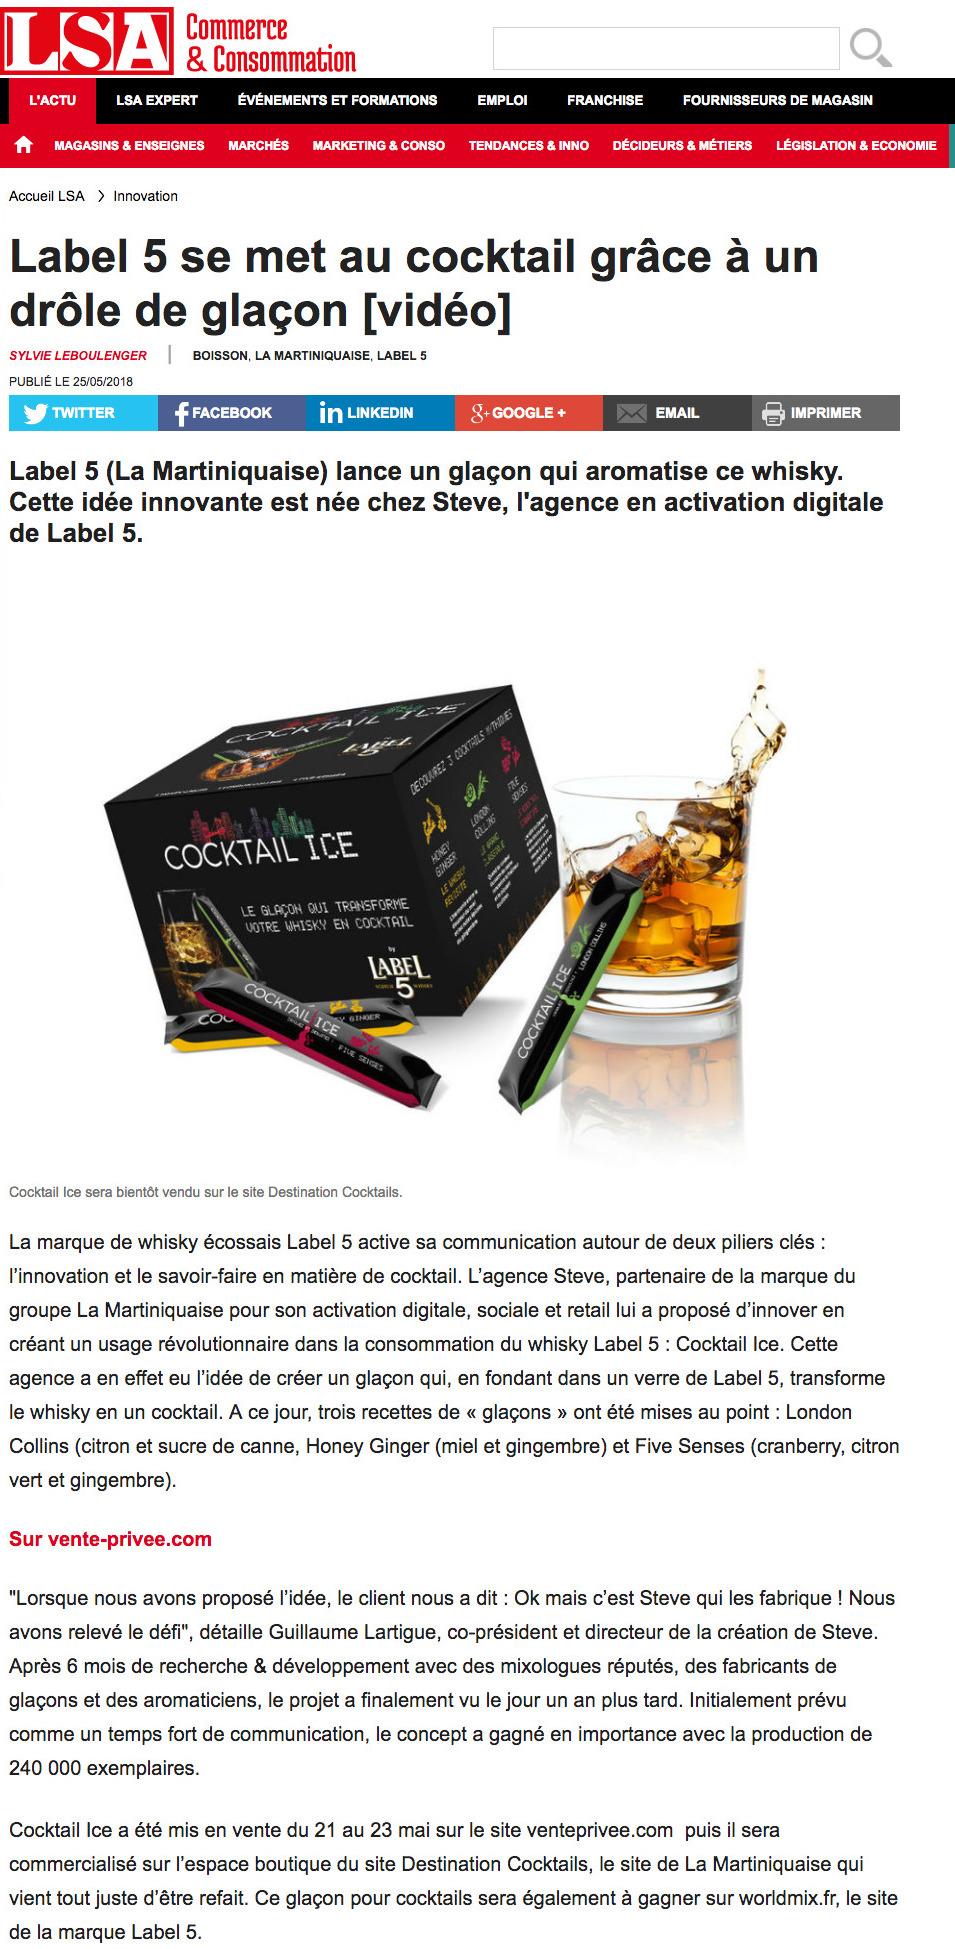 Lsa X Steve Label 5 Se Met Au Cocktail Grace A Un Drole De Glacon Agence Steve